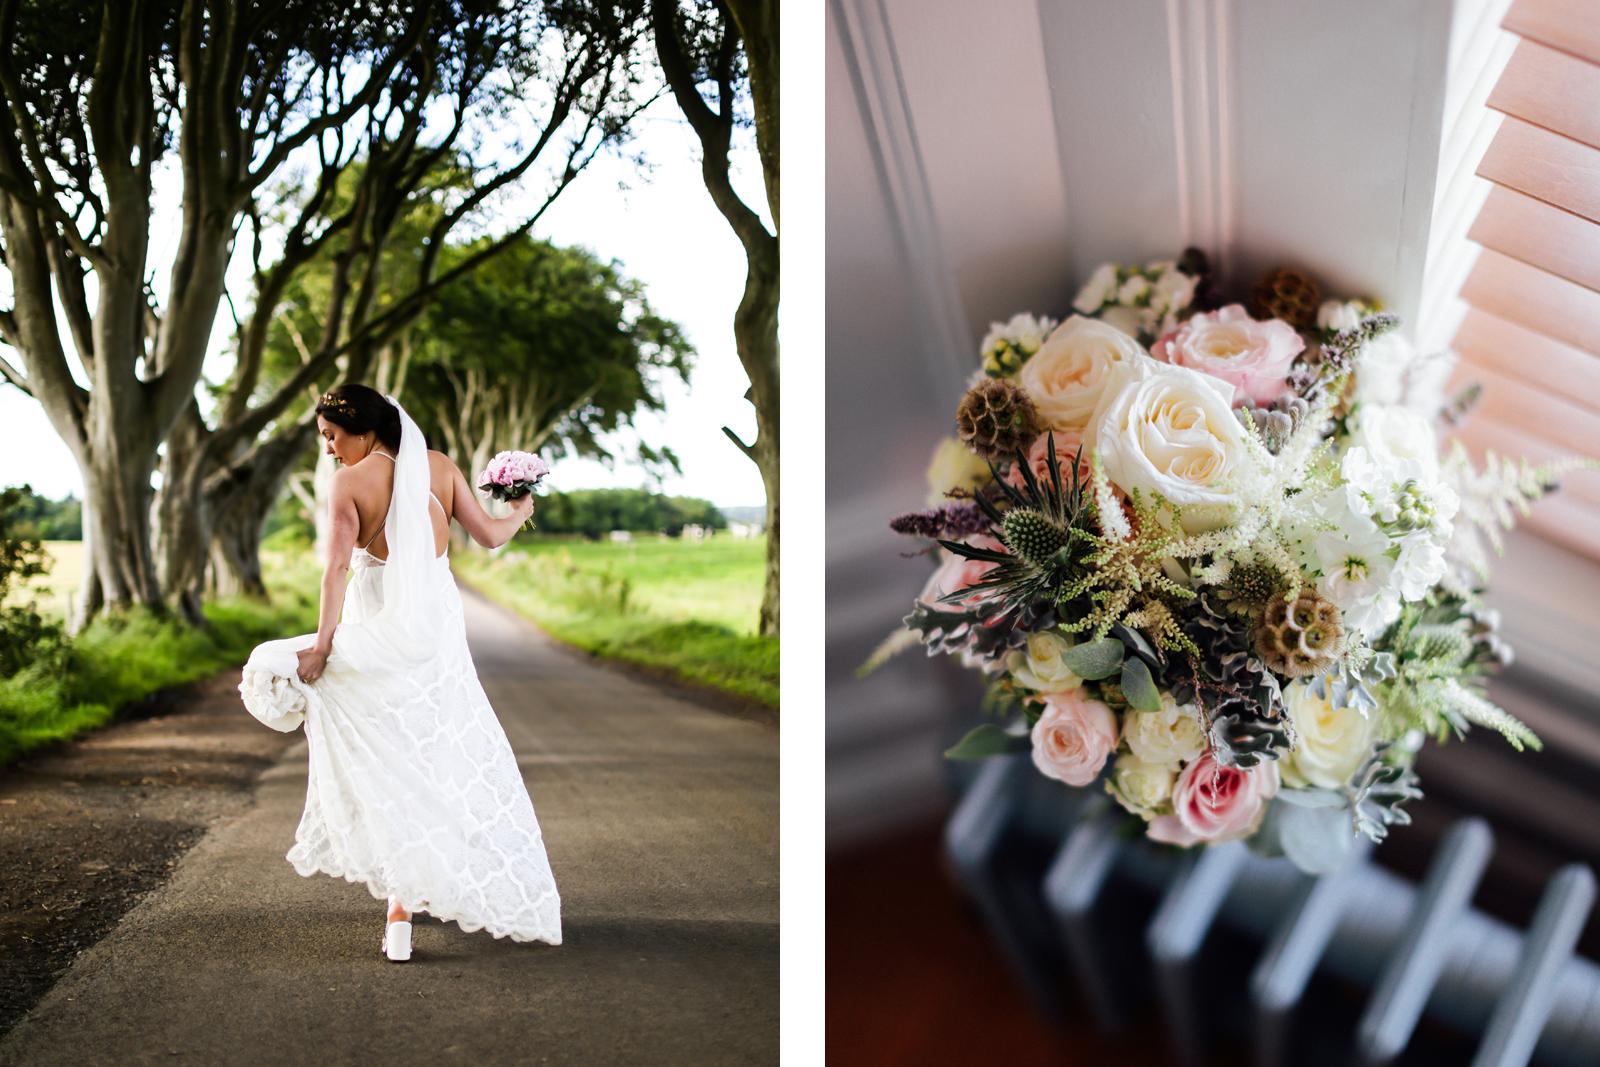 dress-bouquet.jpg